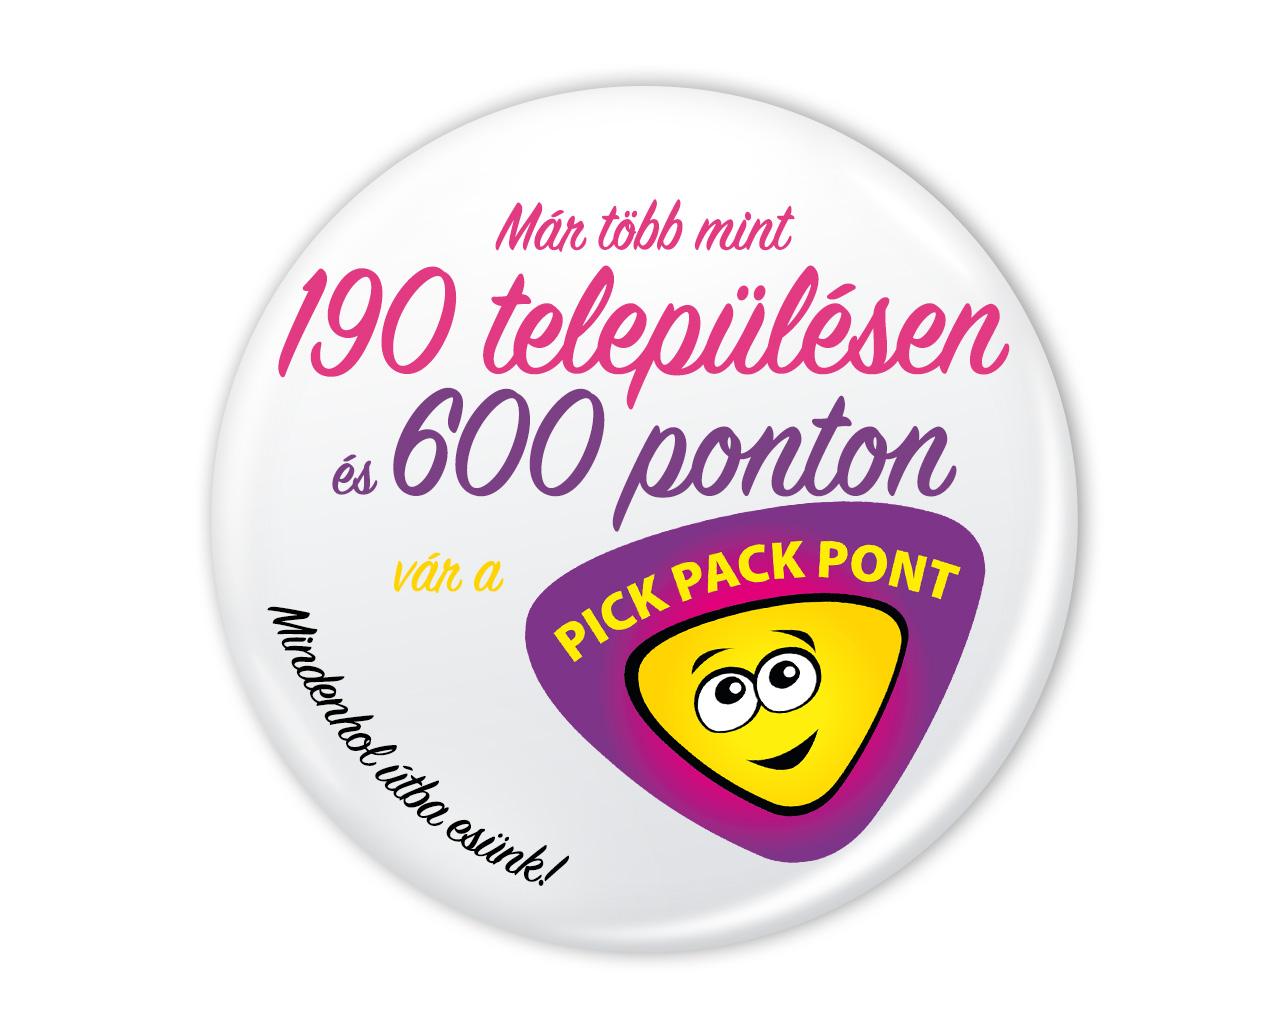 Pick Pack Pont - Már több mint 190 településen és 600 ponton